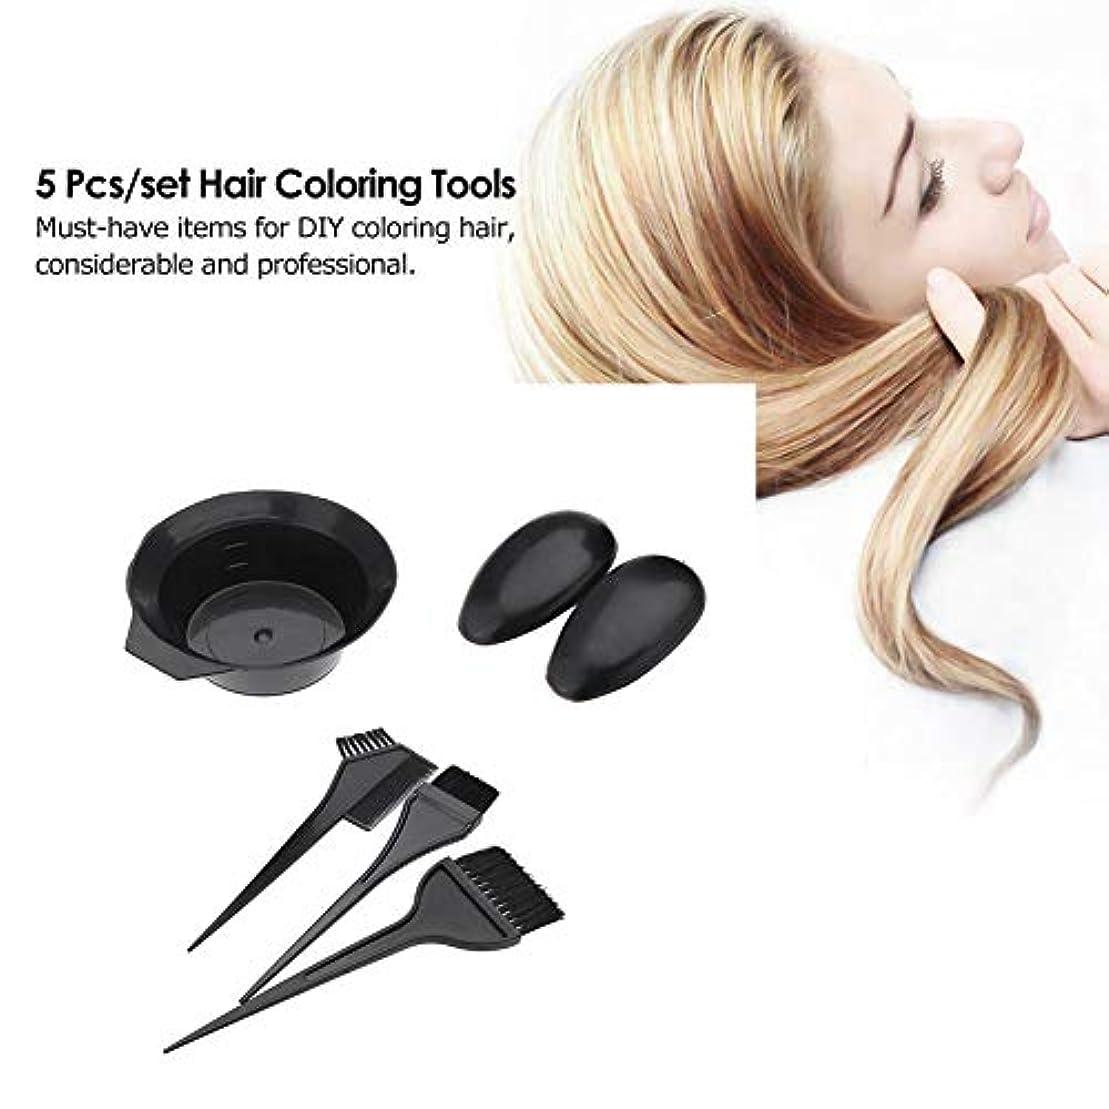 染毛セットキット - 染毛カラーミキシングボウル&ブラシ&くし - 黒理髪美容ツールアプリケーター色合い5ピース